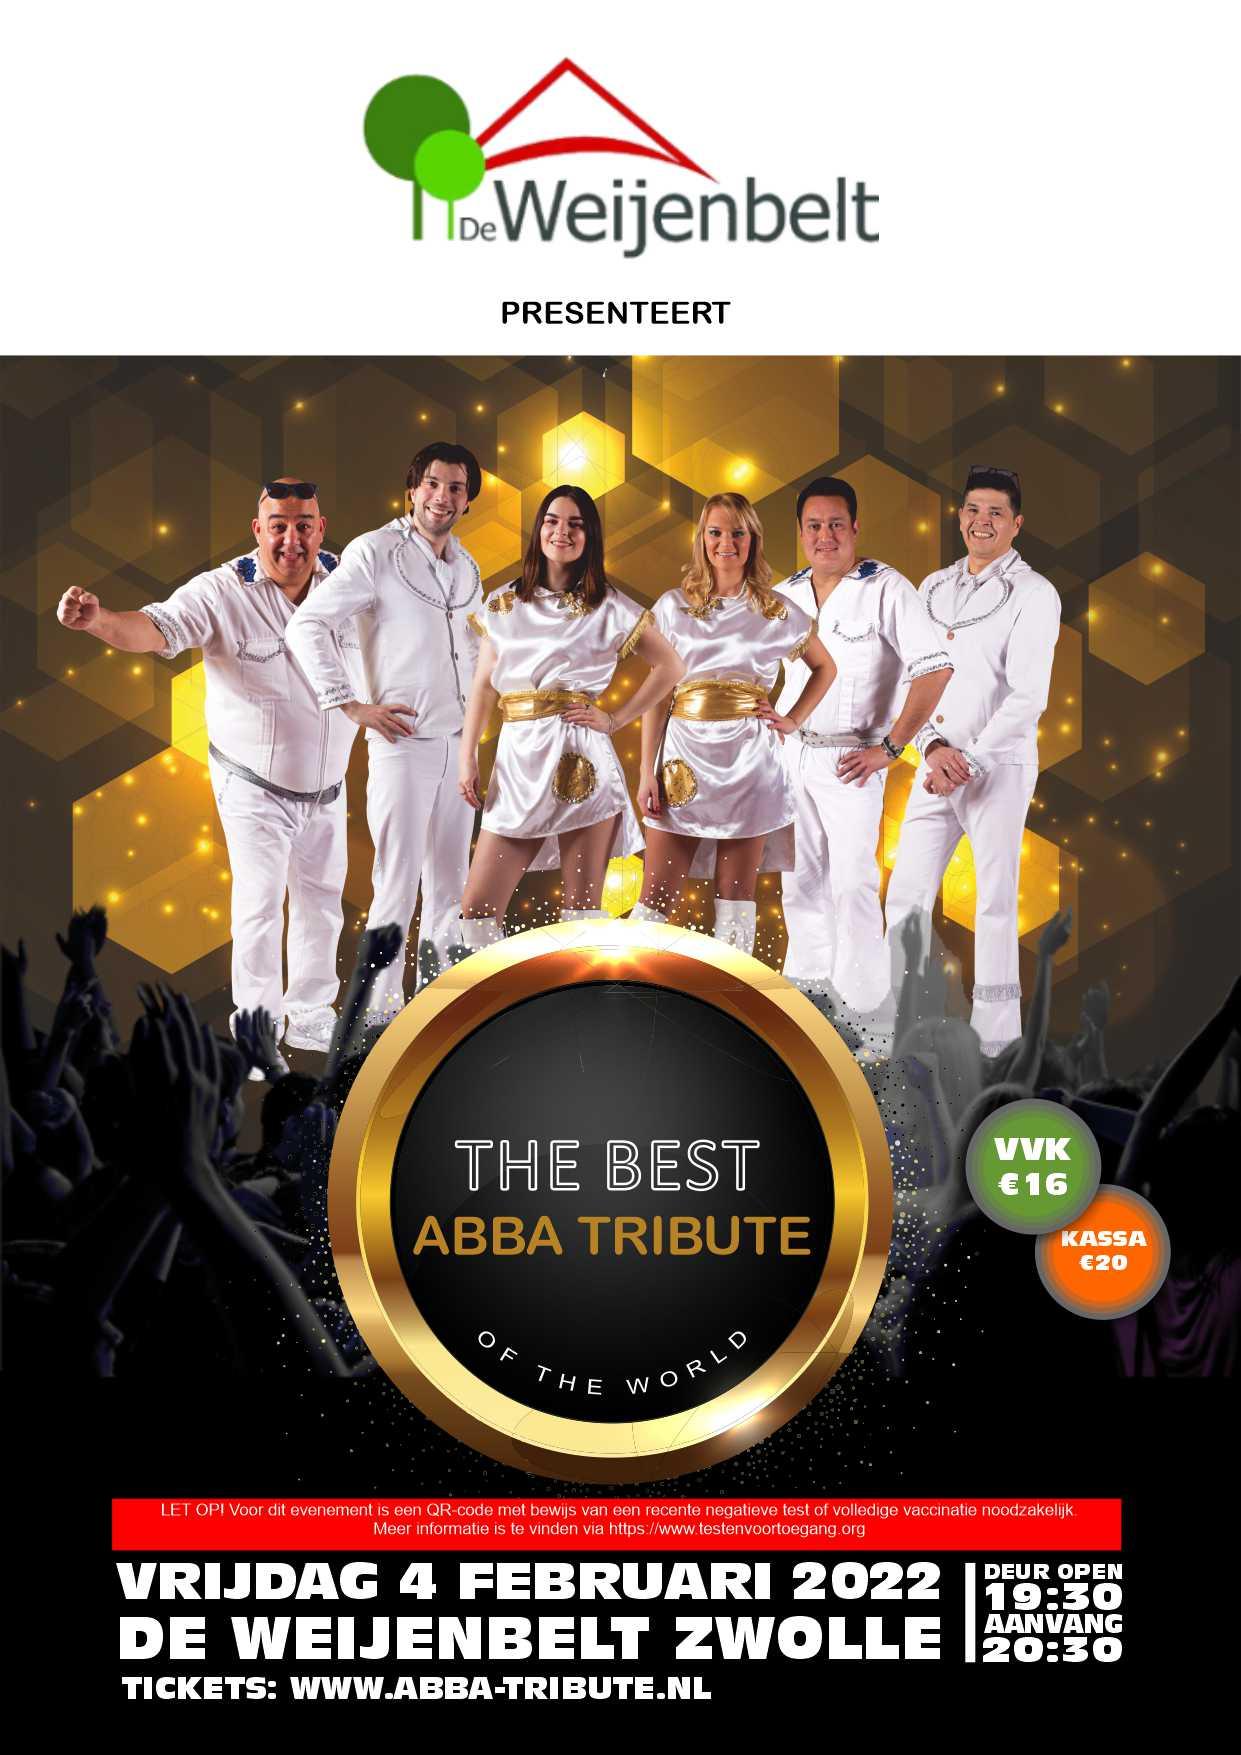 ABBA Tribute De Weijenbelt Zwolle